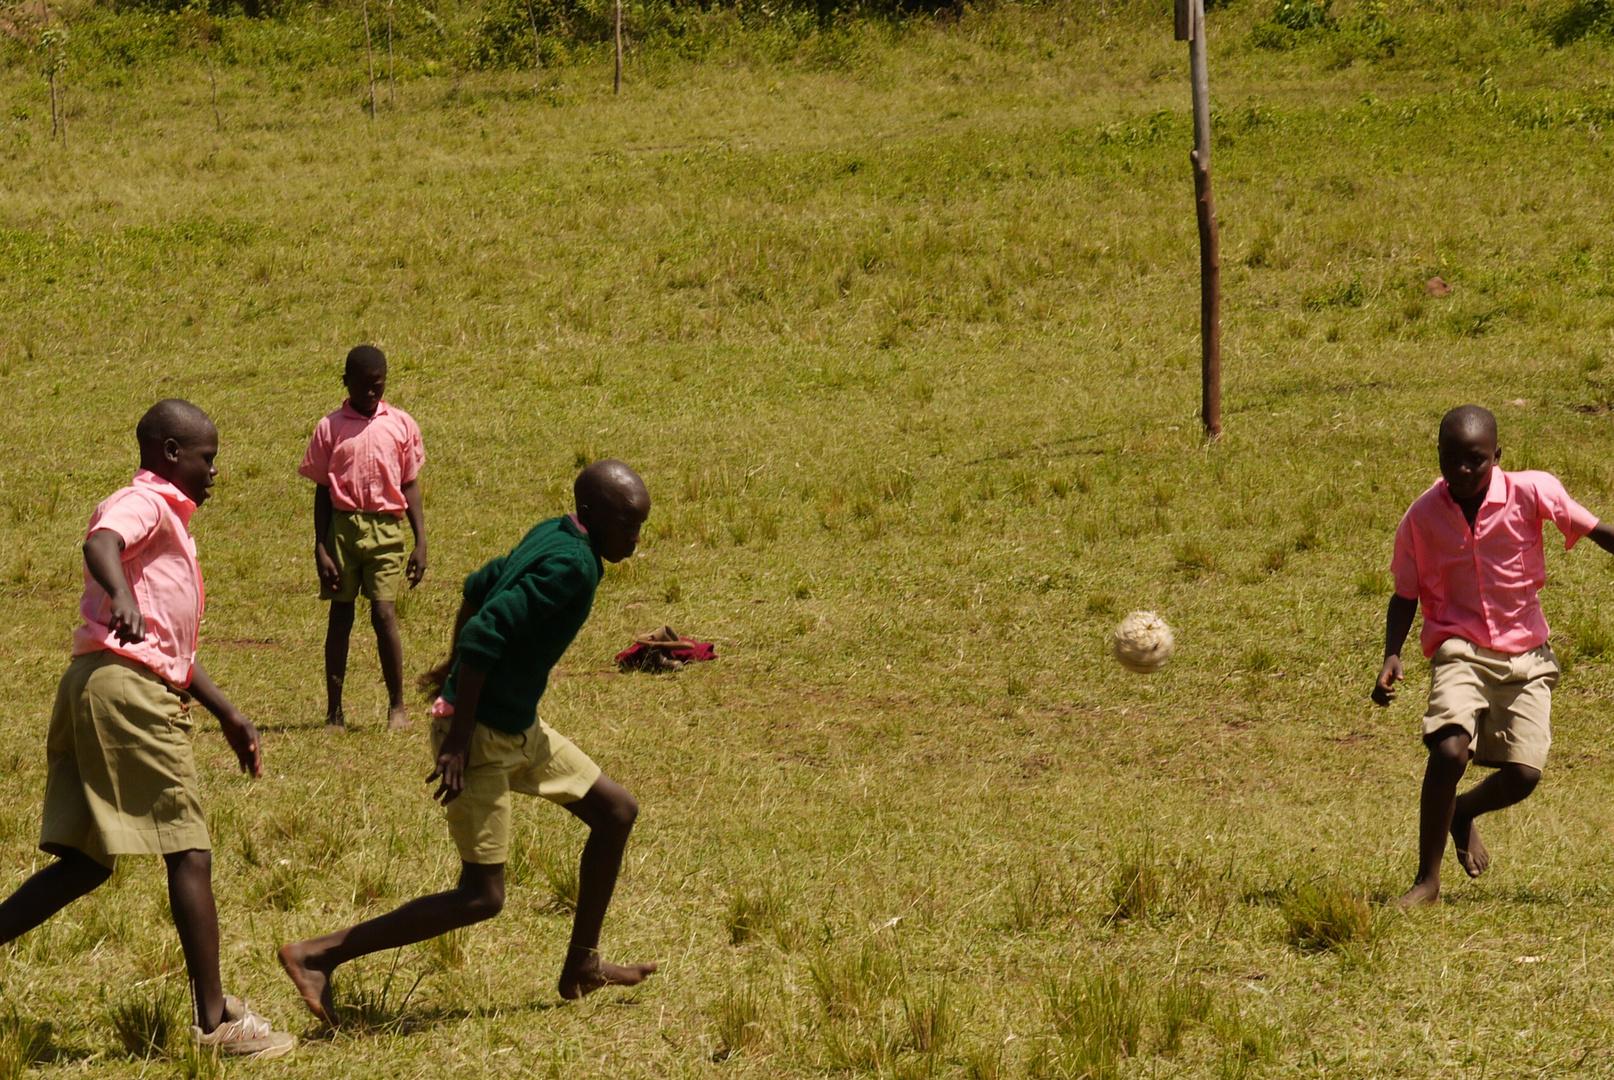 Der Fußball aus alten Plastiktüten tut es im Hochland auch